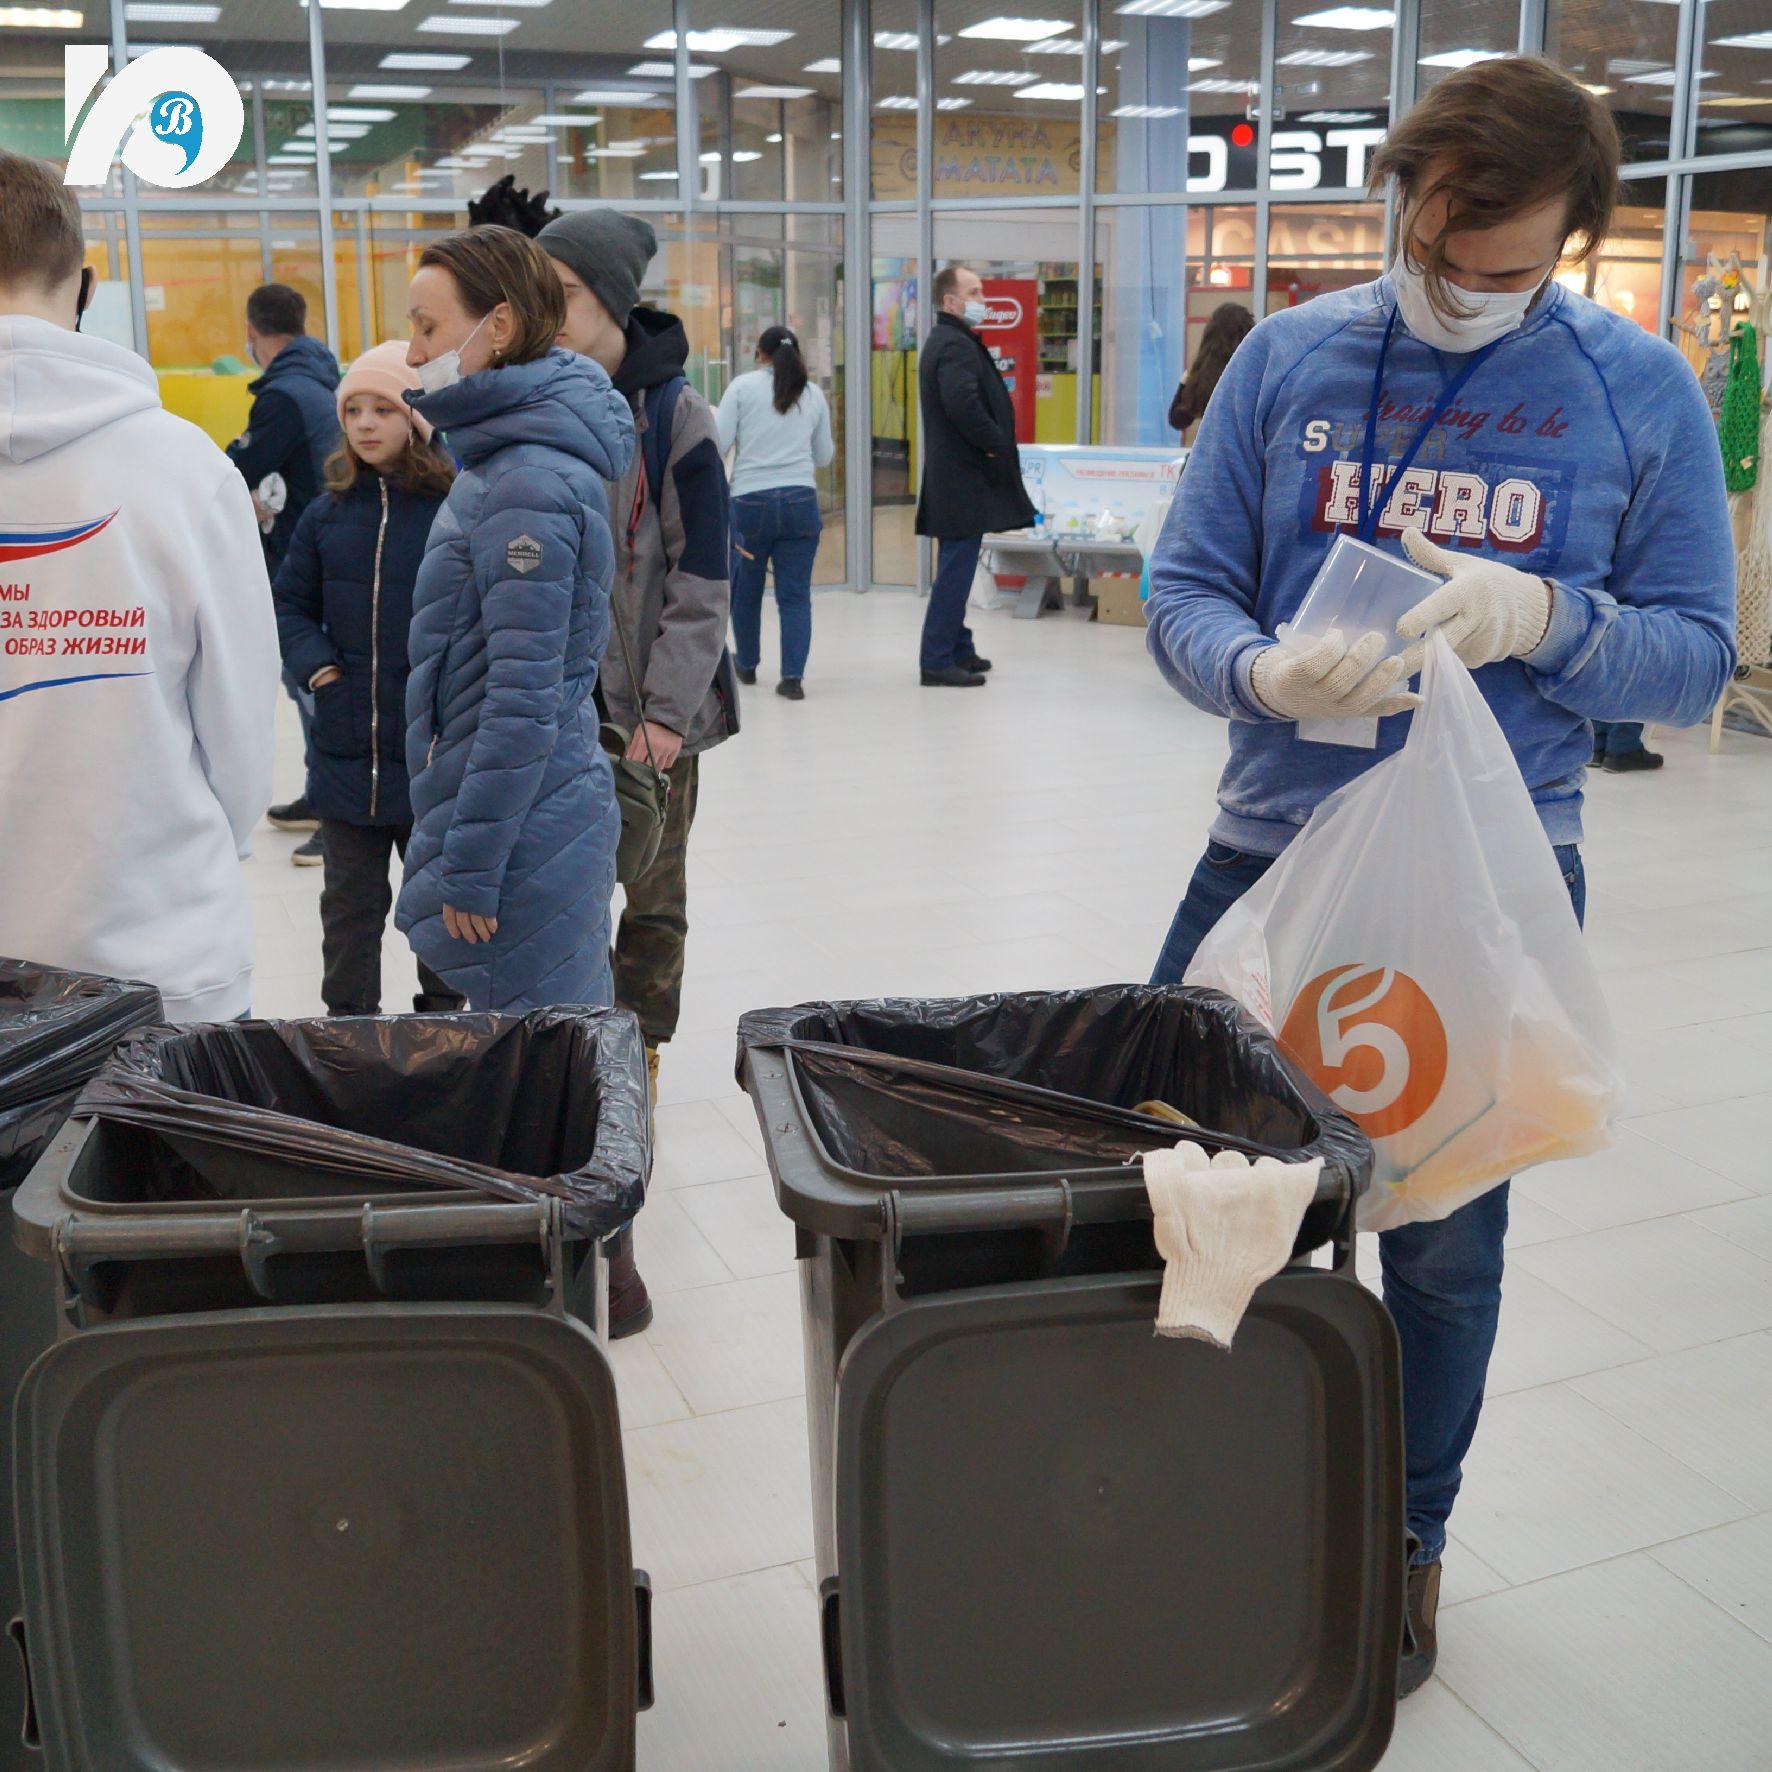 В Югорске прошла первая экоакция по раздельному сбору отходов. Макулатуру, пластиковые и стеклянные бутылки, крышечки, батарейки – все это в минувшие выходные югорчане несли в ТЦ «Столичный Плаза». 10 апреля там состоялась экологическая акция по раздельному сбору мусора.